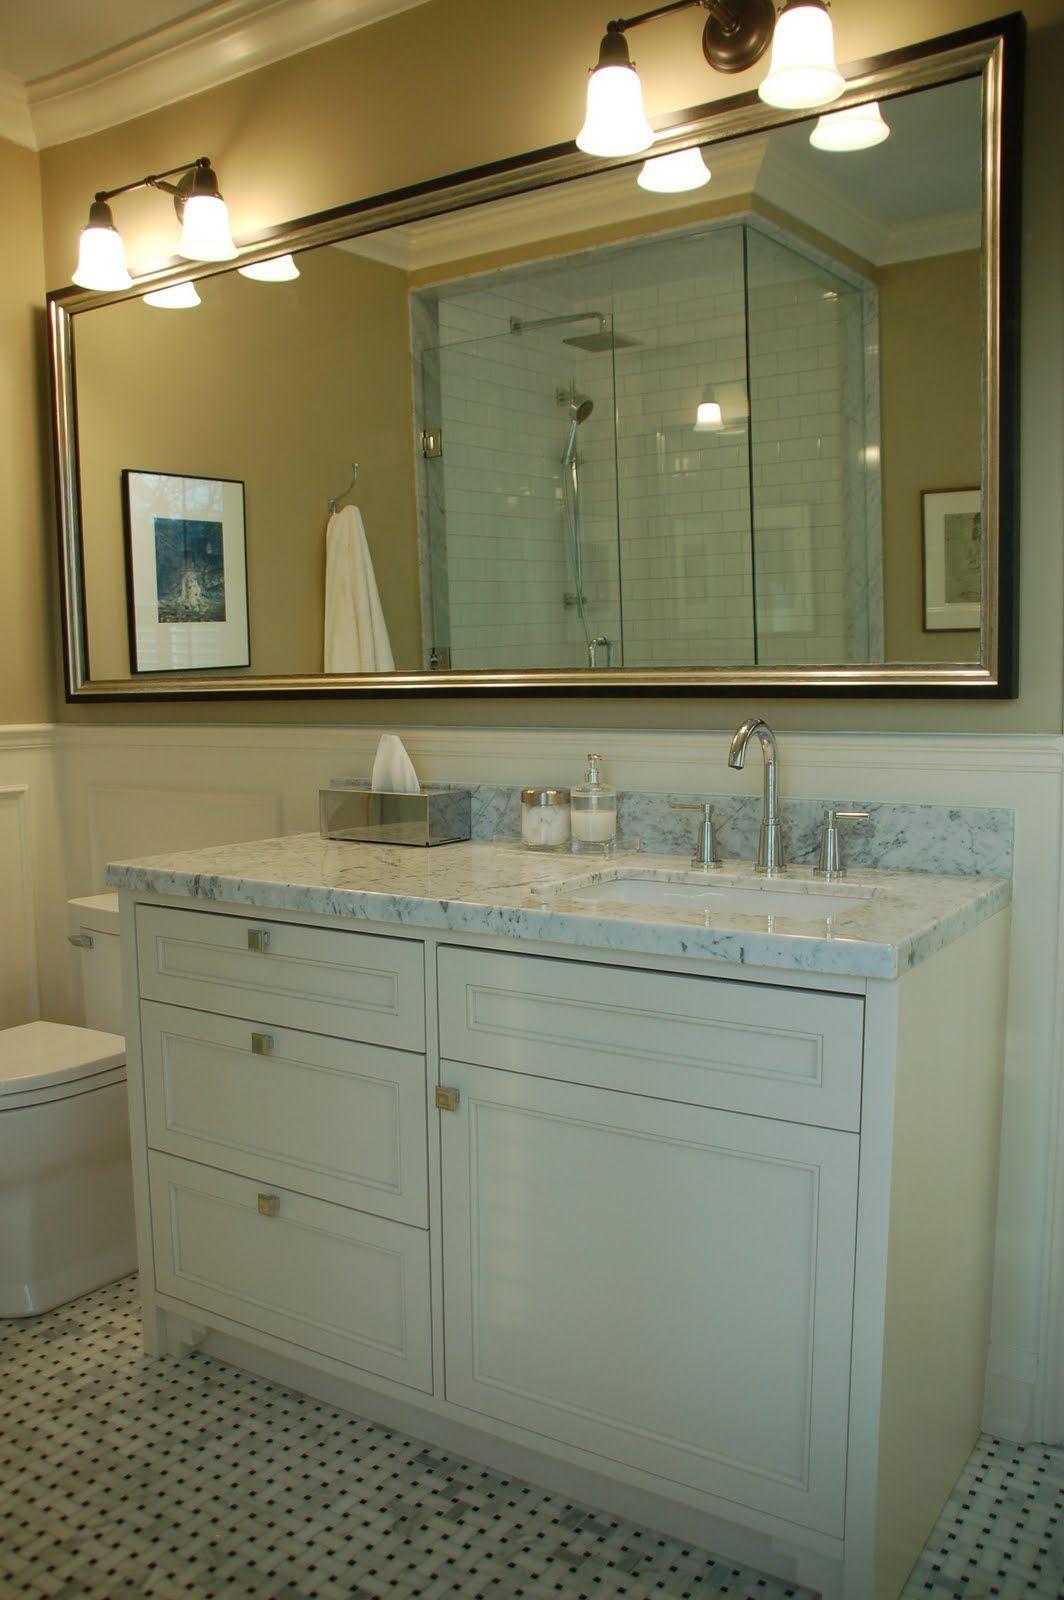 Offset vanity | Bath Ideas | Pinterest | Vanities, Bath and Bath ideas